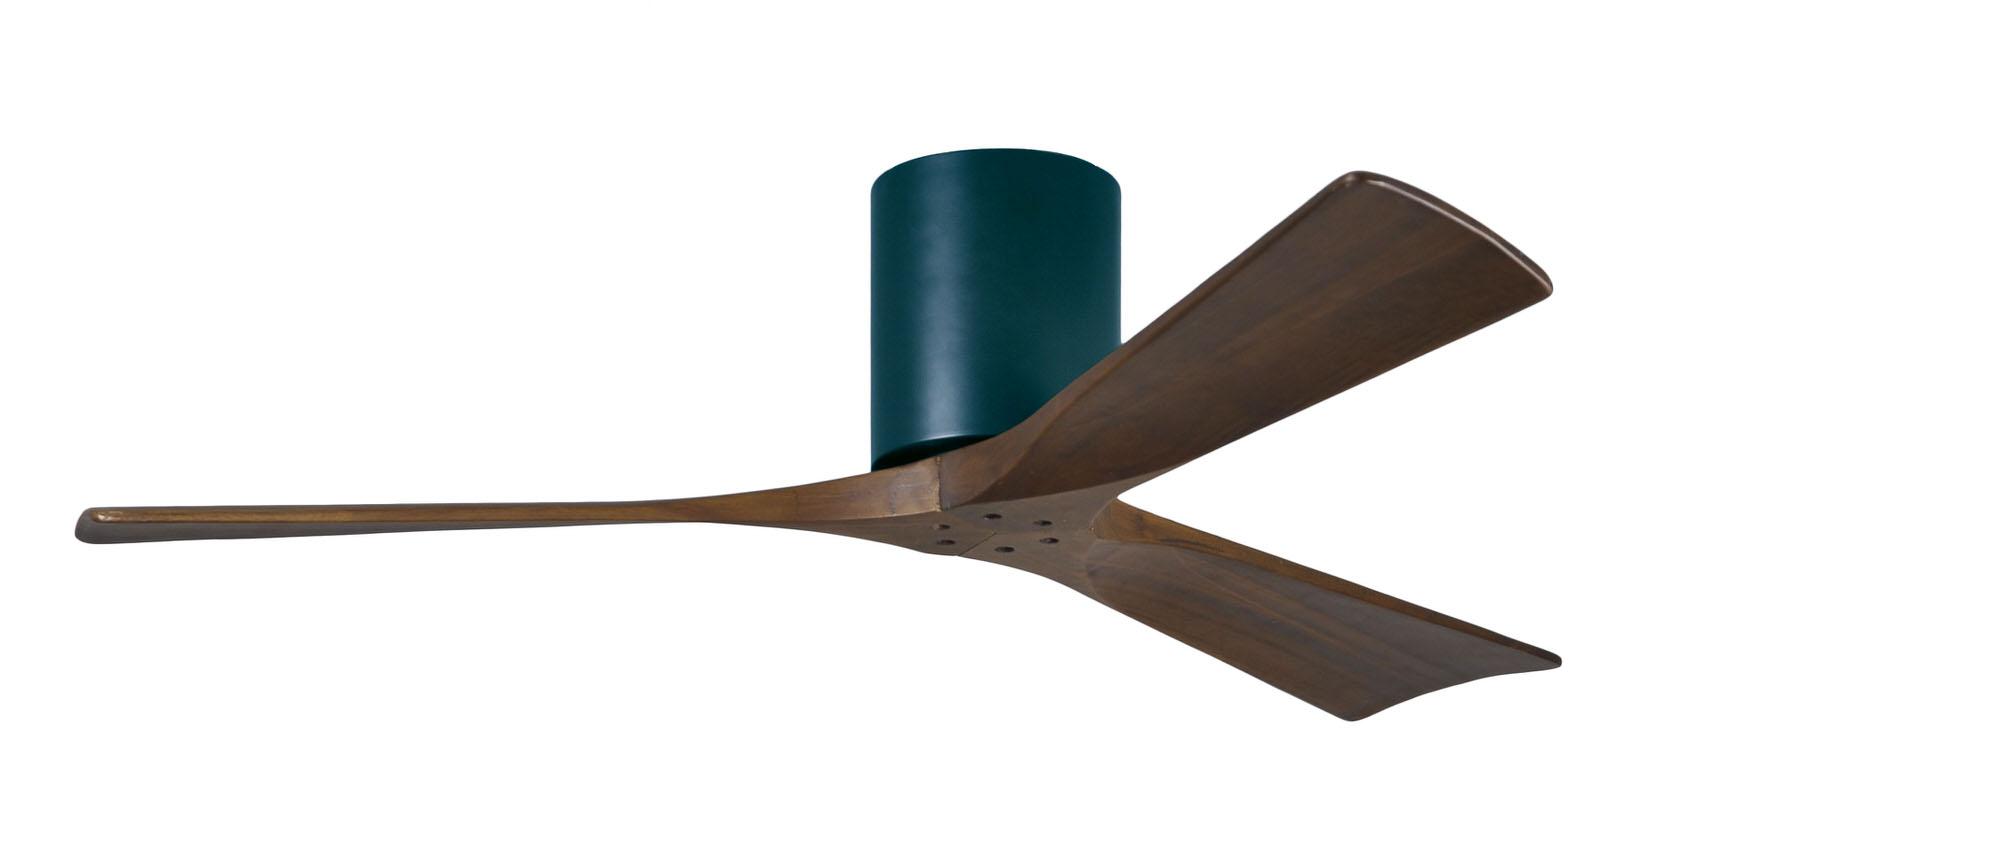 Matthews Atlas Irene 3h Hugger Low Energy Dc Ceiling Fan